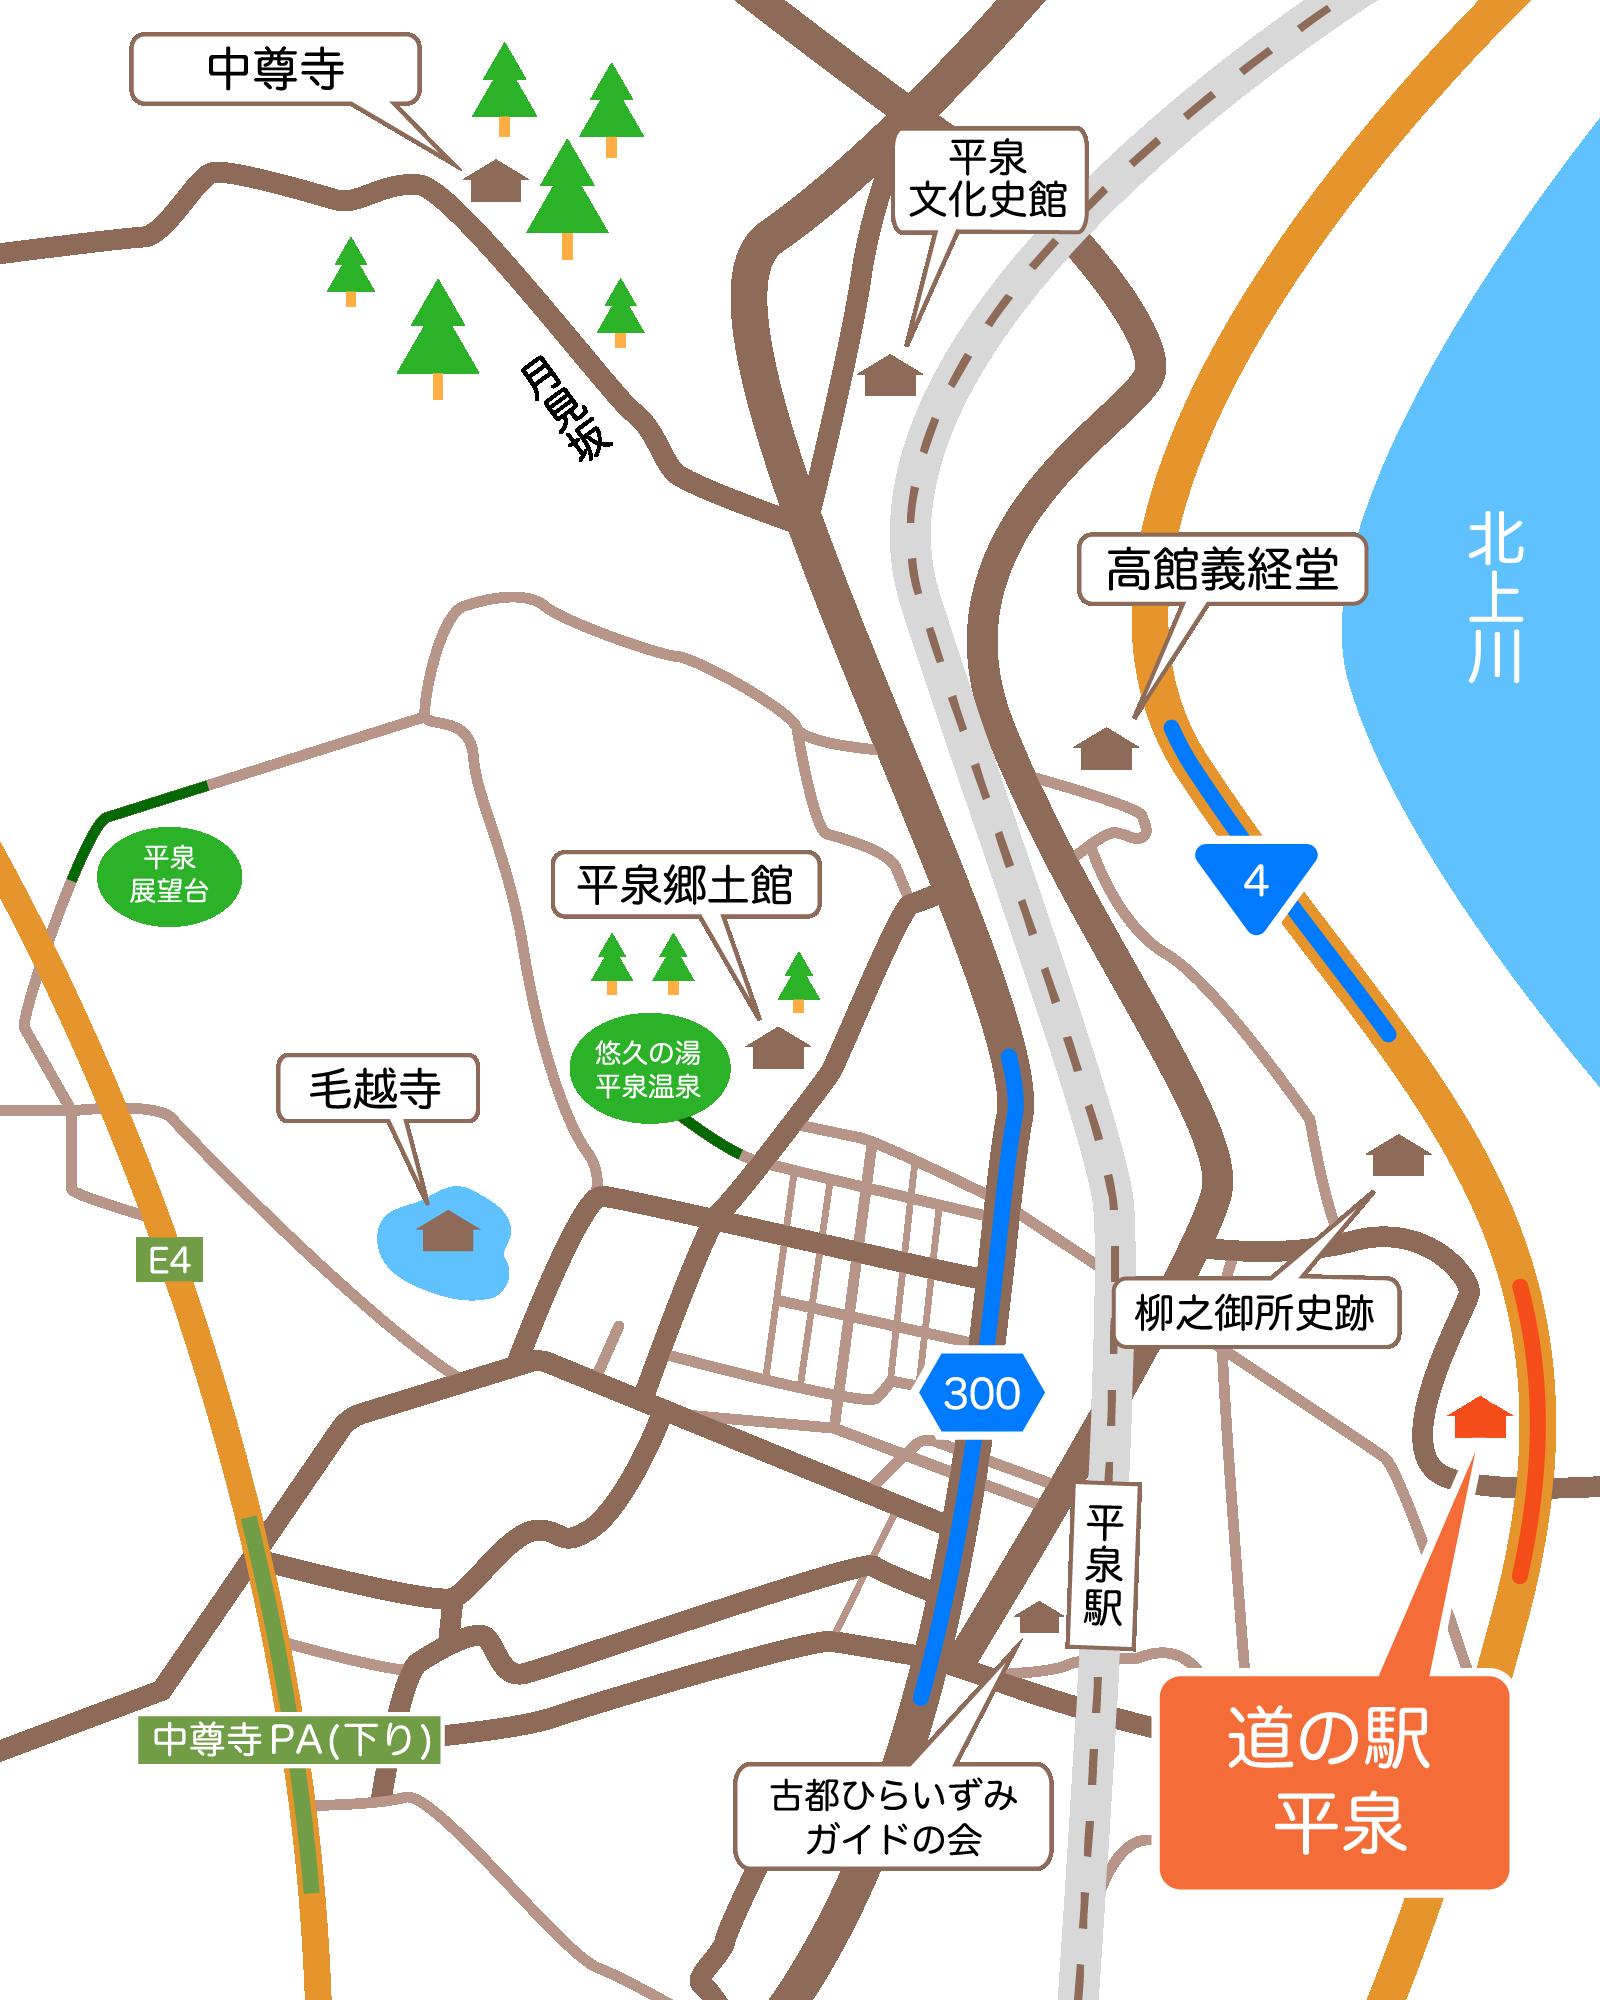 広域地図データ